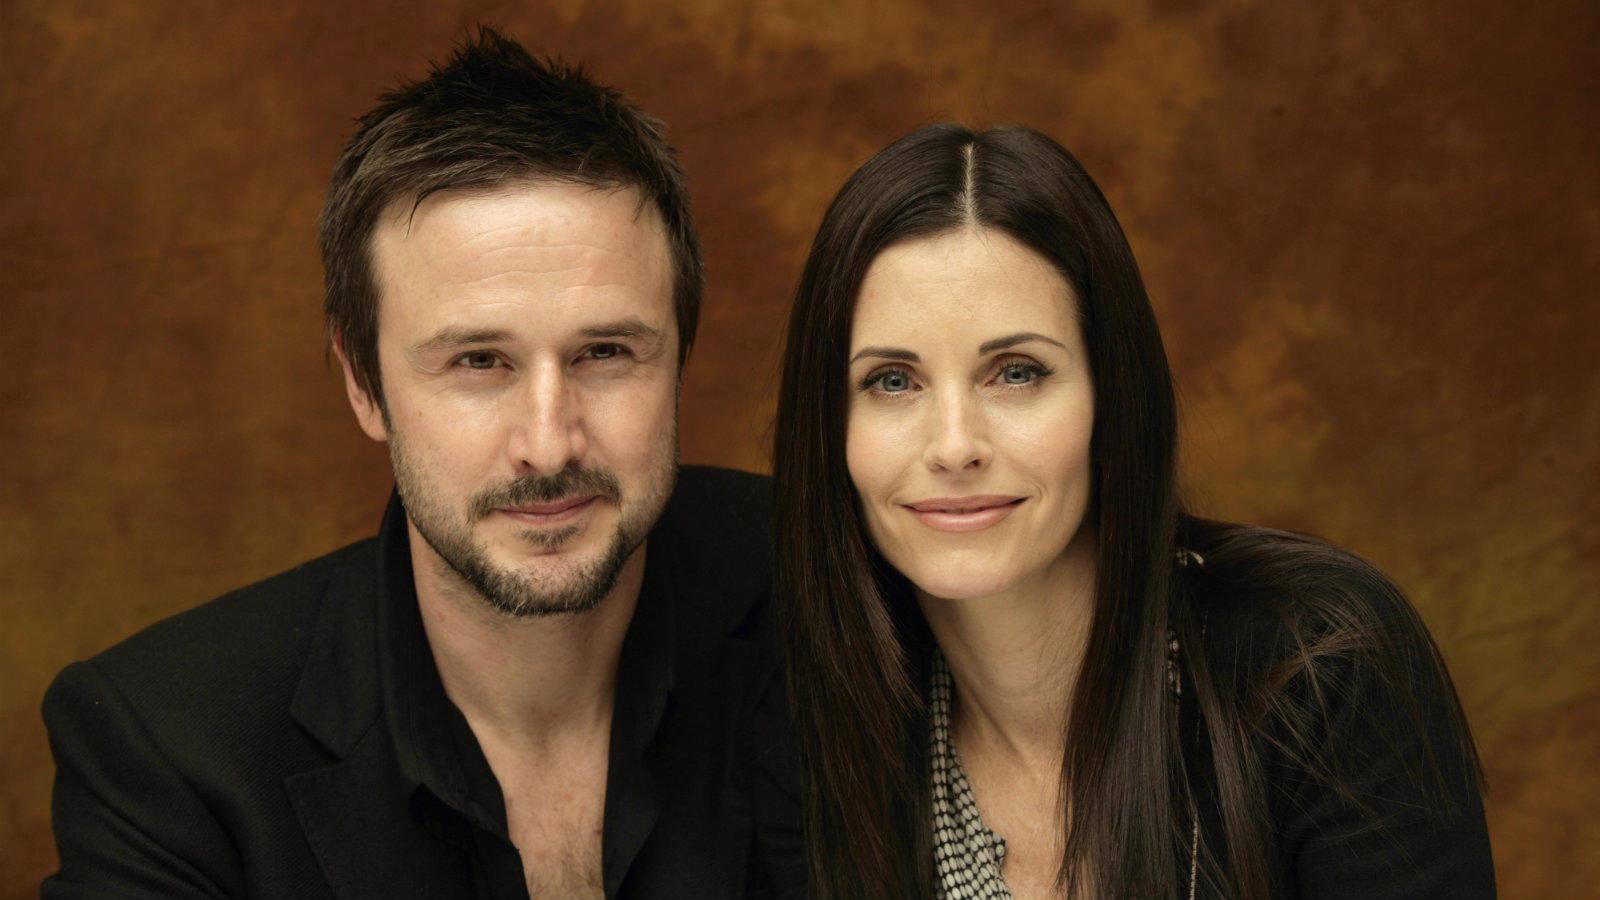 Arquette egyszer bevallotta, Cox mentette meg az életét, ugyanis mellette leszokott a drogokról. A pár 1999-ben házasodott össze, és annyira nagy volt a szerelem, hogy a Jóbarátok színésznője még a sorozat főcímében szereplő nevében is büszkén jelezte, hogy ő bizony Arquette-né lett immár. Azonban 2010-ben ők is bejelentették, hogy sajnos, elválnak útjaik, amelyről 2013-ban kapták meg a hivatalos papírt. (Theo Kingma/Shutterstock)